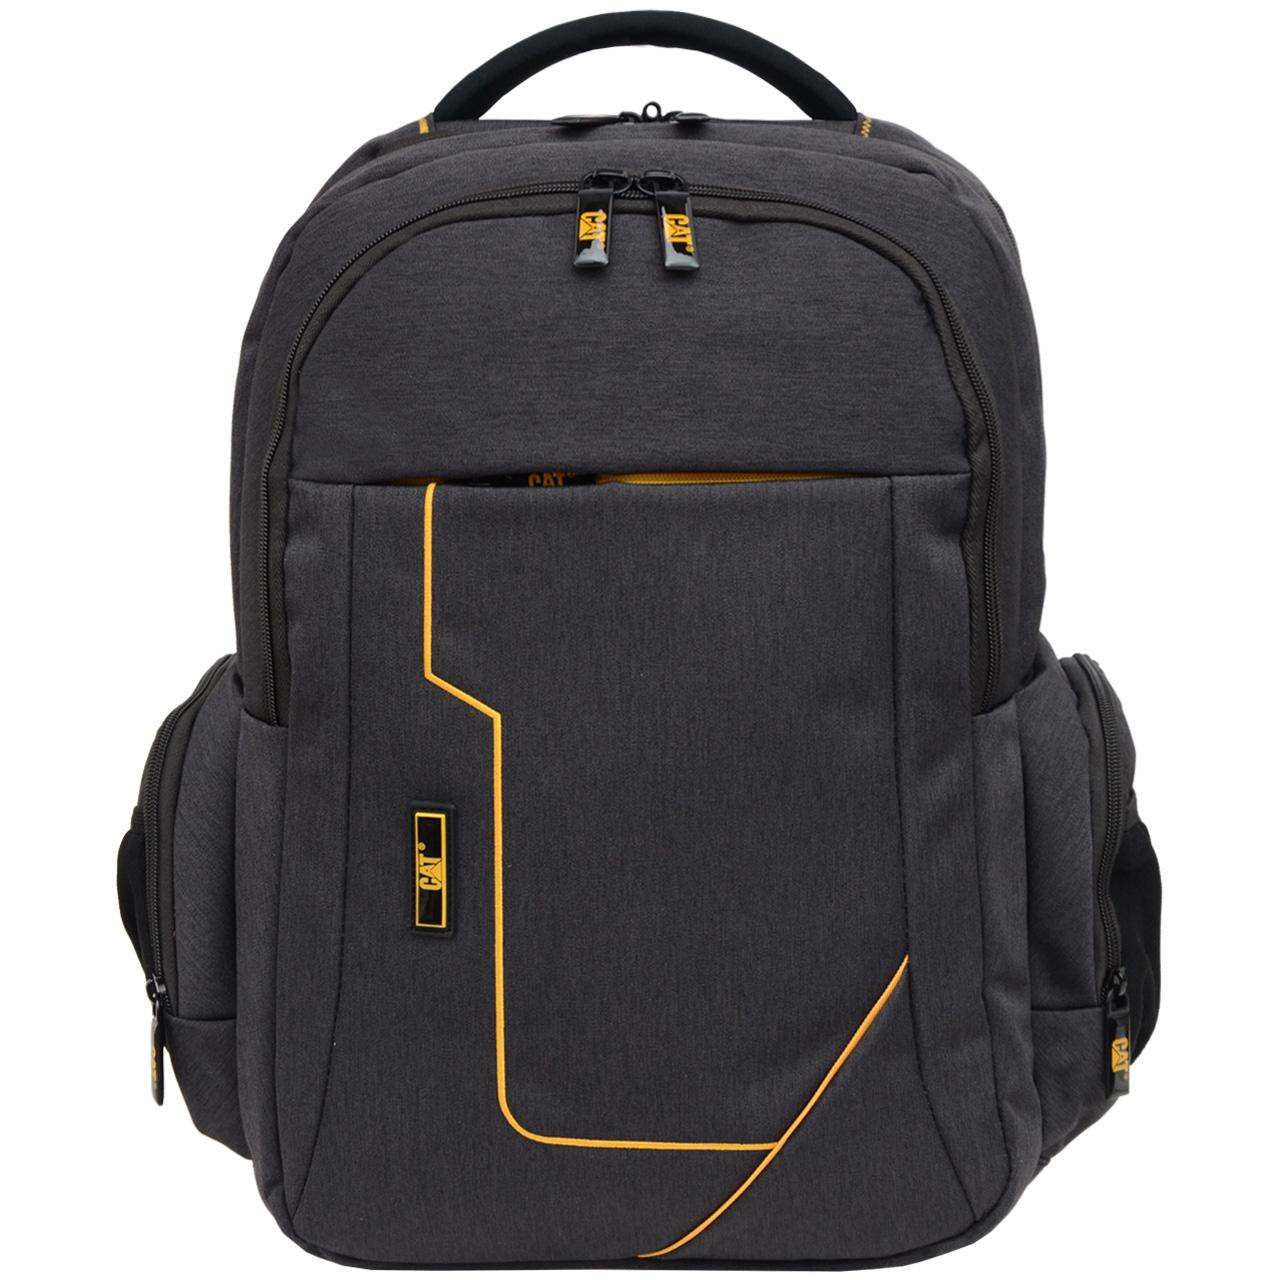 بررسی و {خرید با تخفیف} کوله پشتی لپ تاپ مدل CA 1600276 - 1712 مناسب برای لپ تاپ 15.6 اینچی غیر اصلاصل